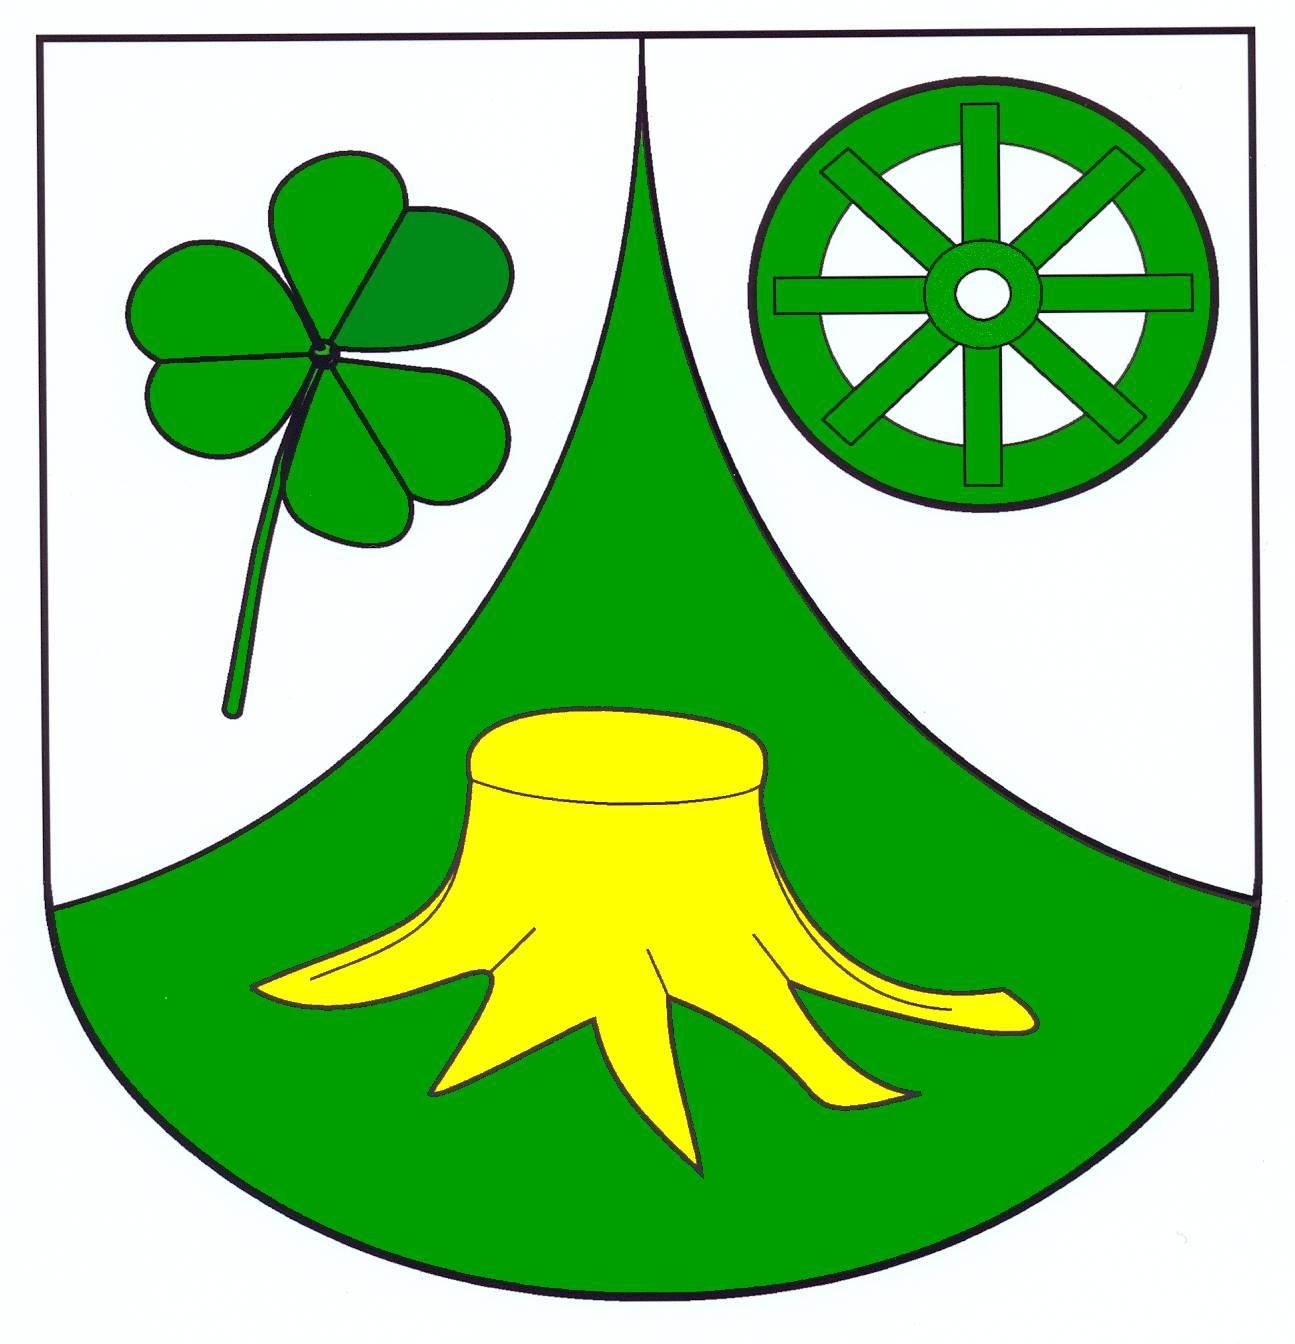 Wappen GemeindeKlinkrade, Kreis Herzogtum Lauenburg